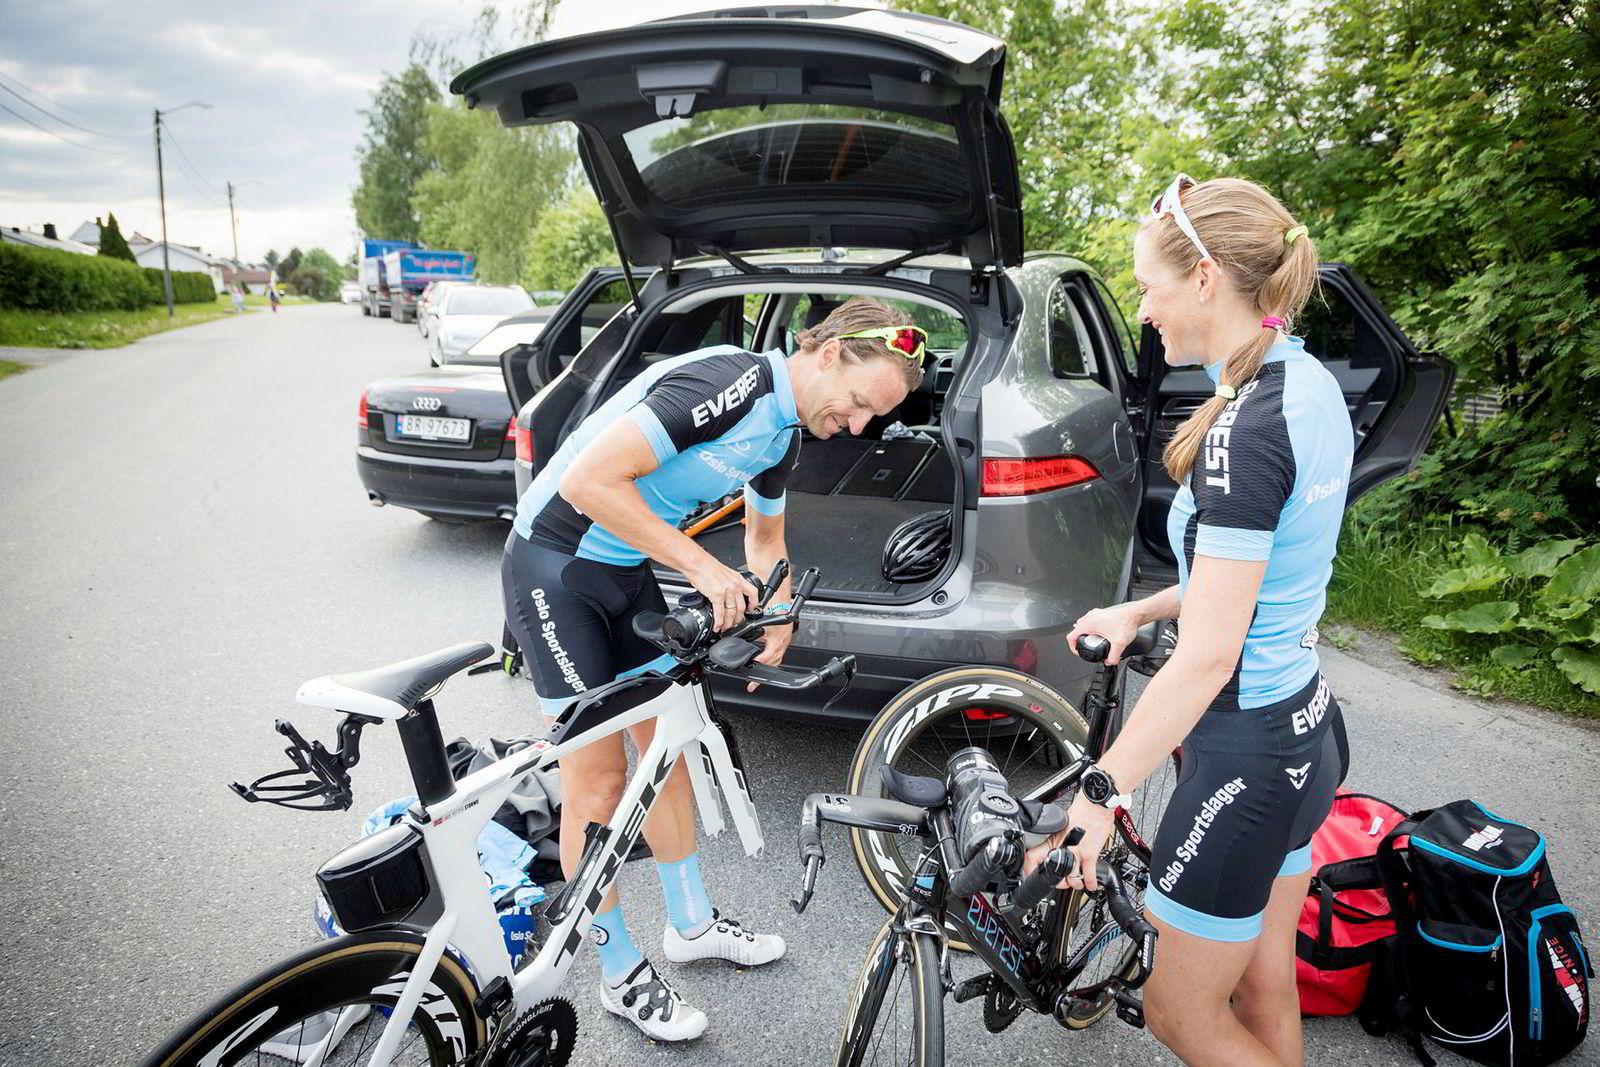 Trude Wermskog Stormo og Lars Petter Stormo trener de fleste øktene sammen. Ofte starter sykkeløktene hjemmefra.